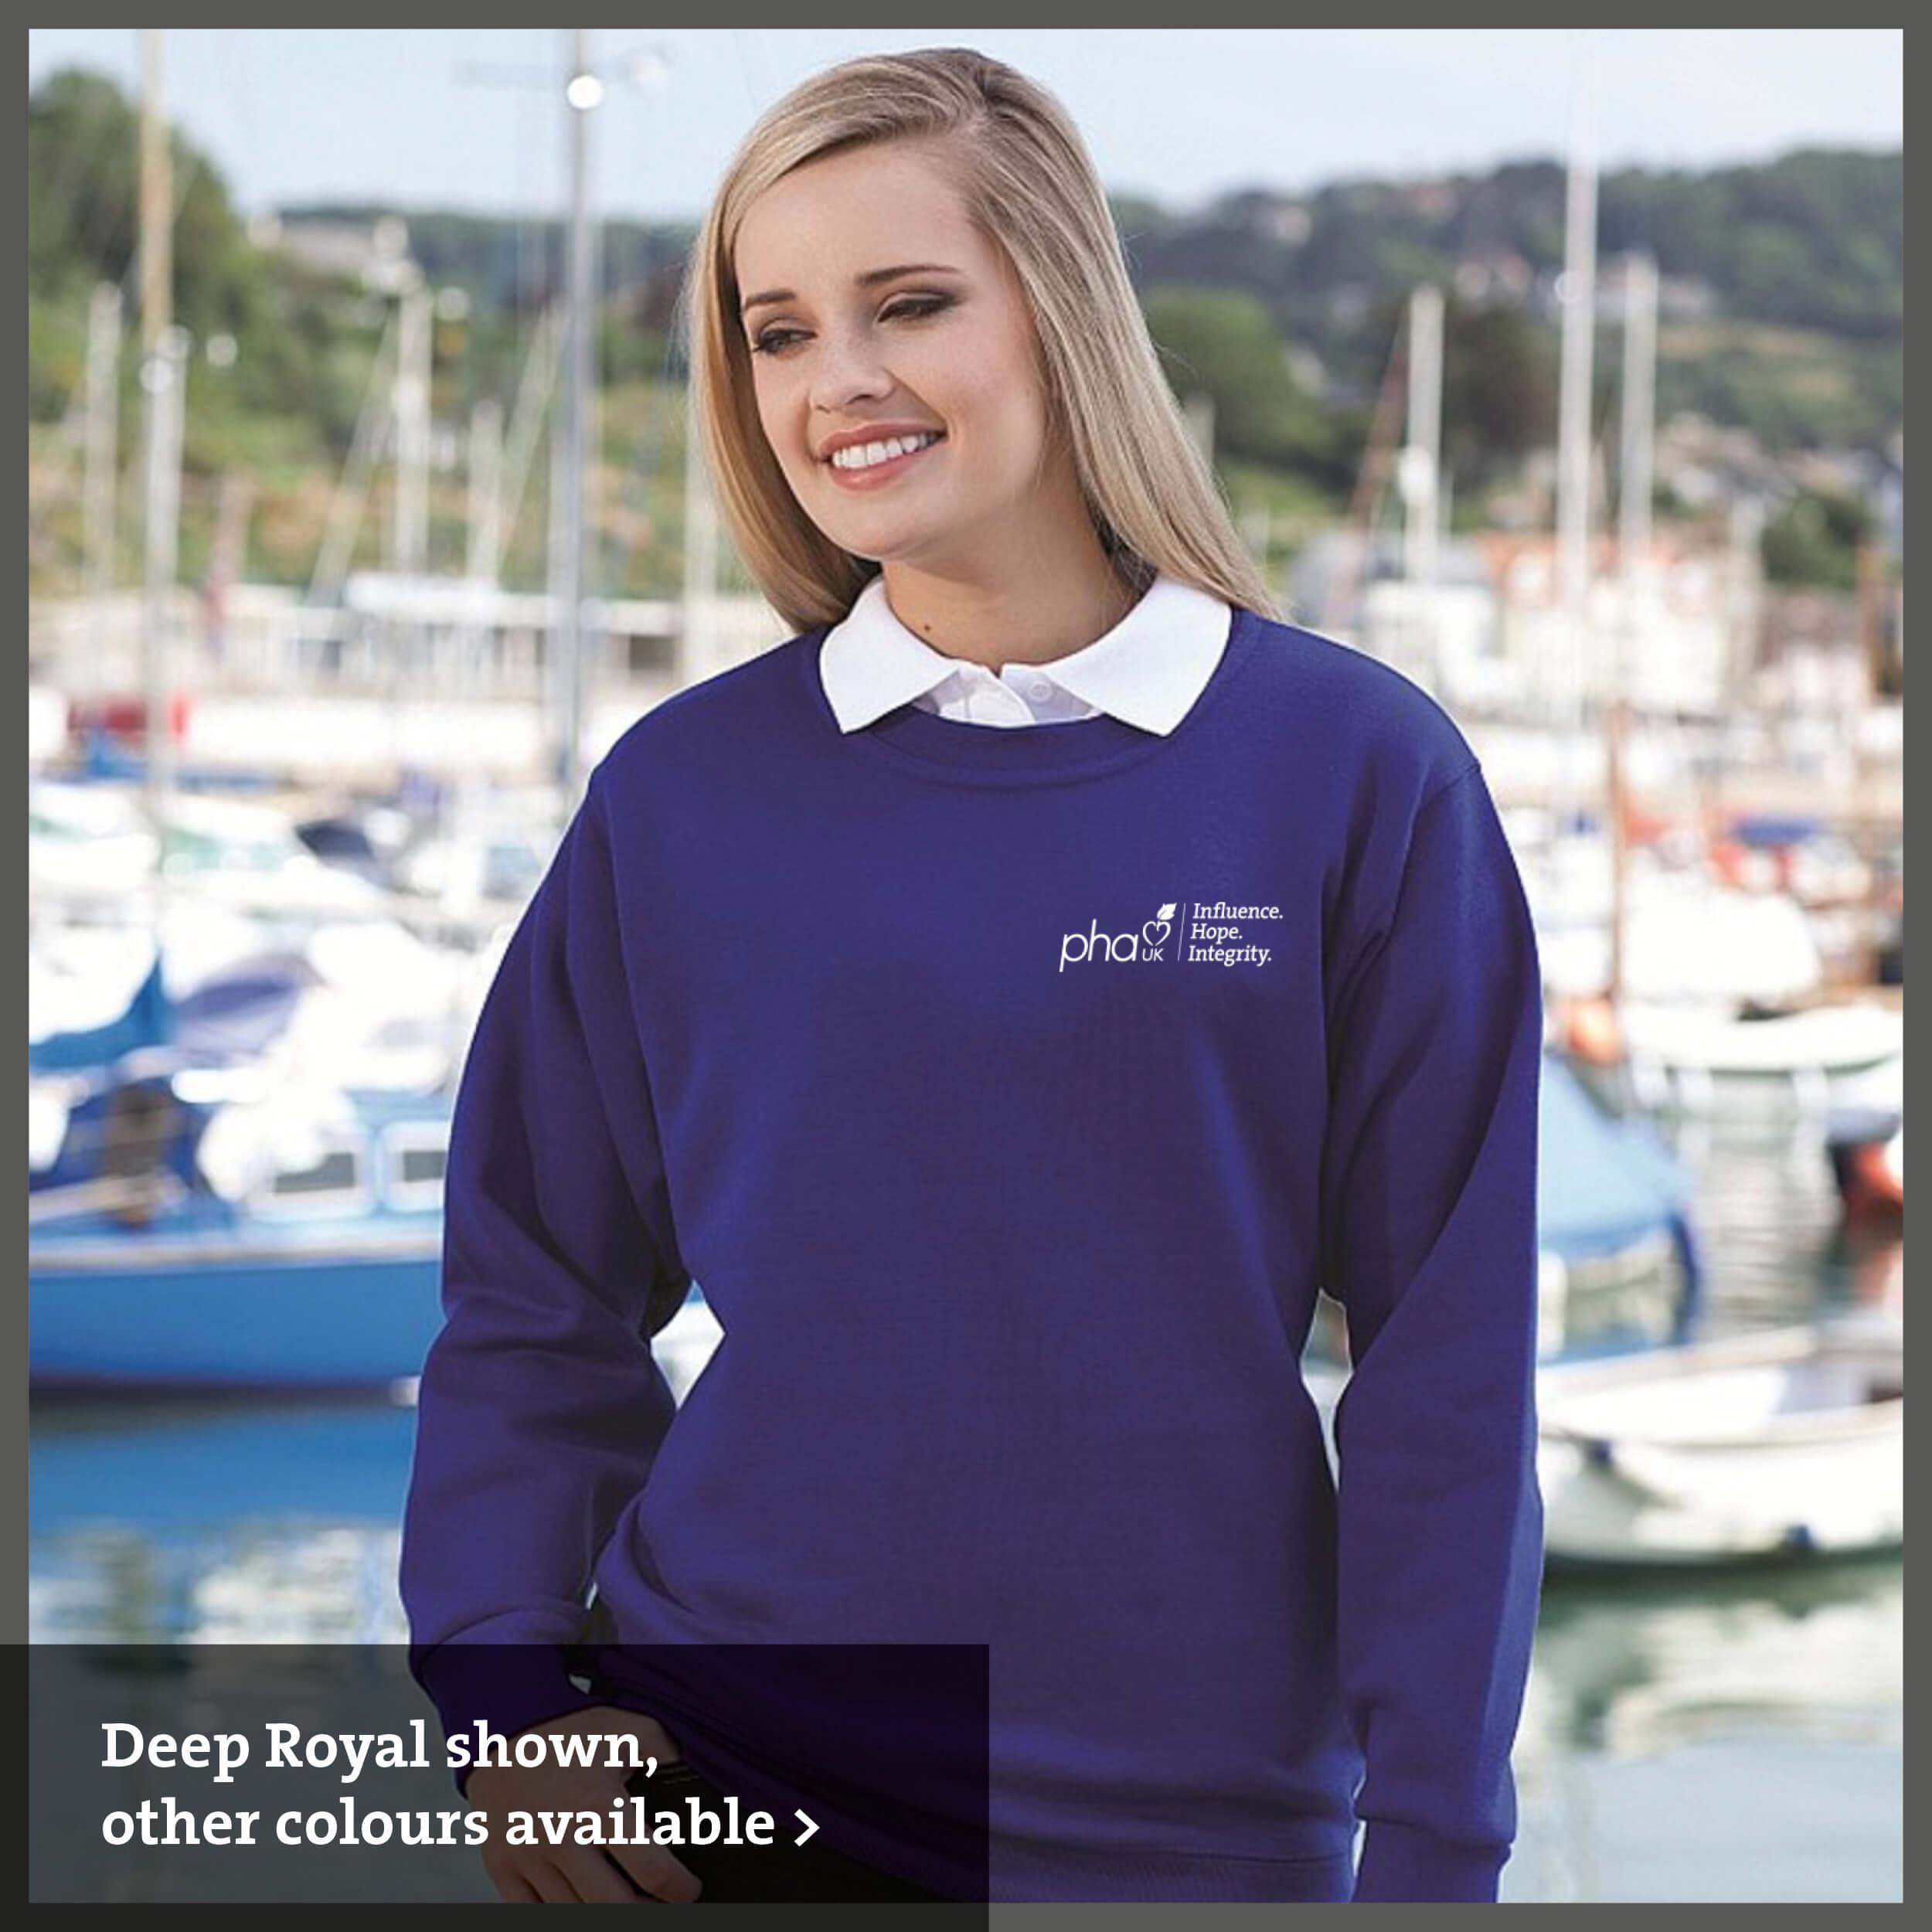 PHA UK branded Sweatshirt